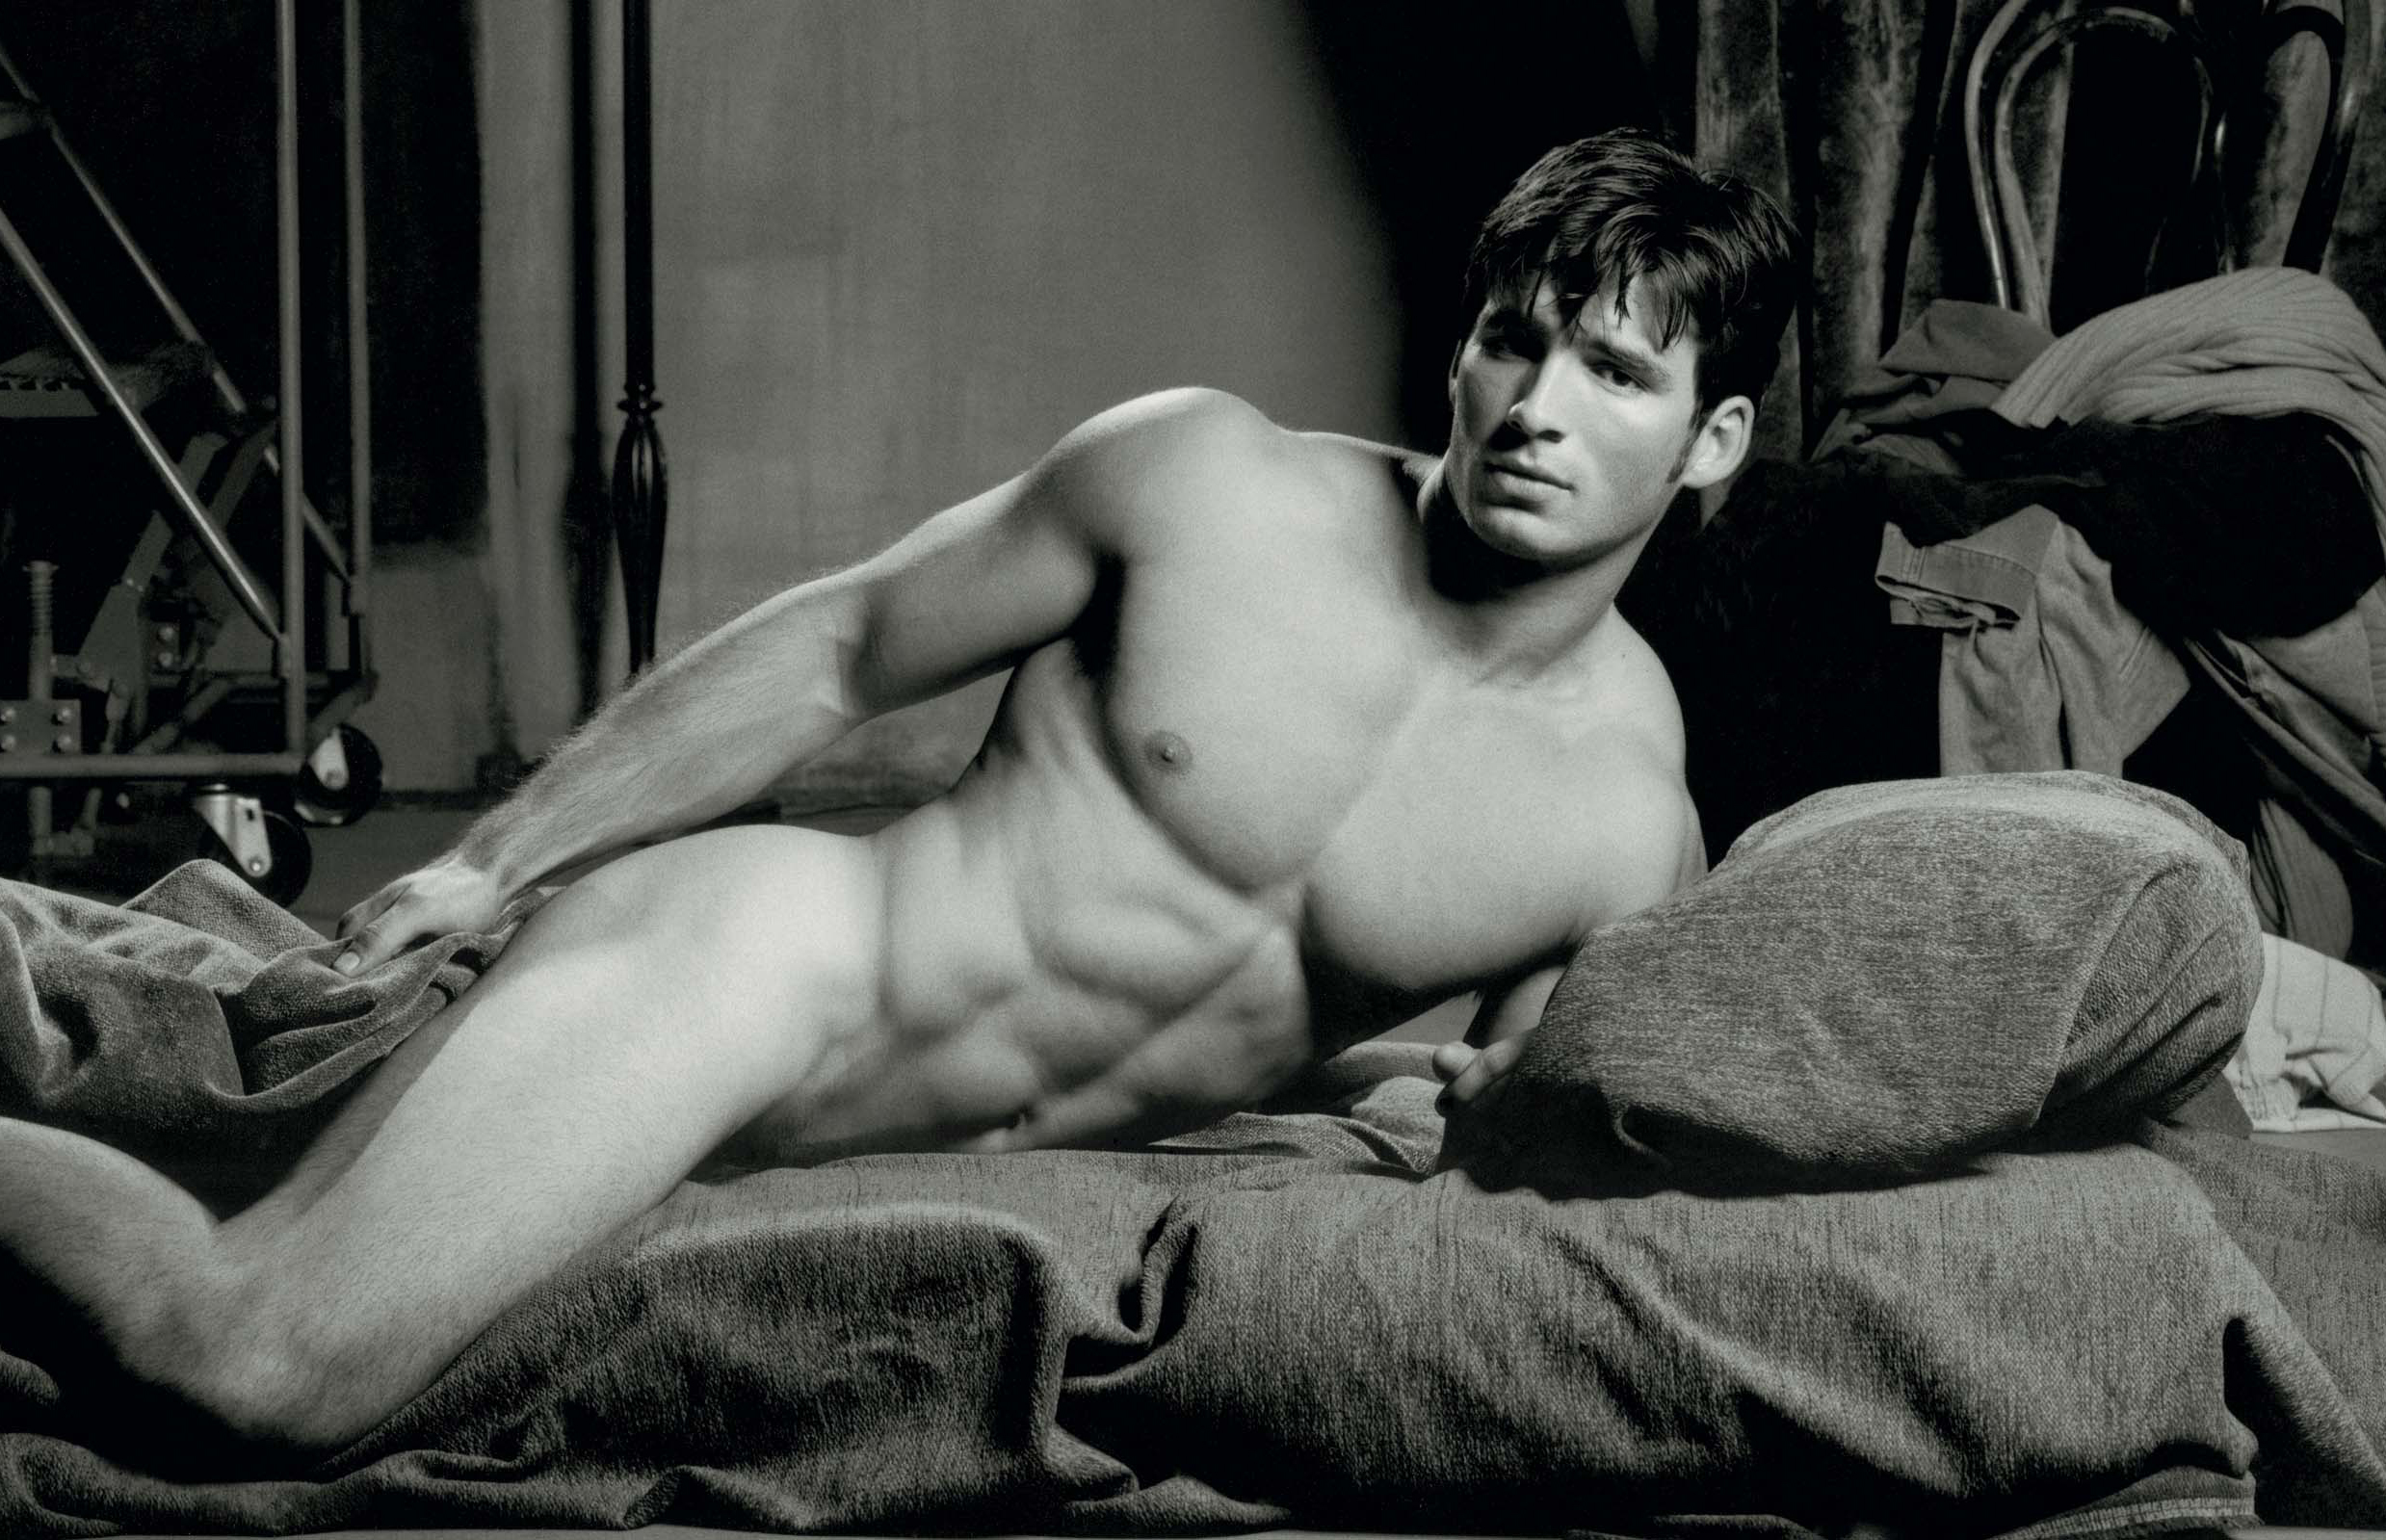 Un homme nu très mignon : 27 septembre 2010